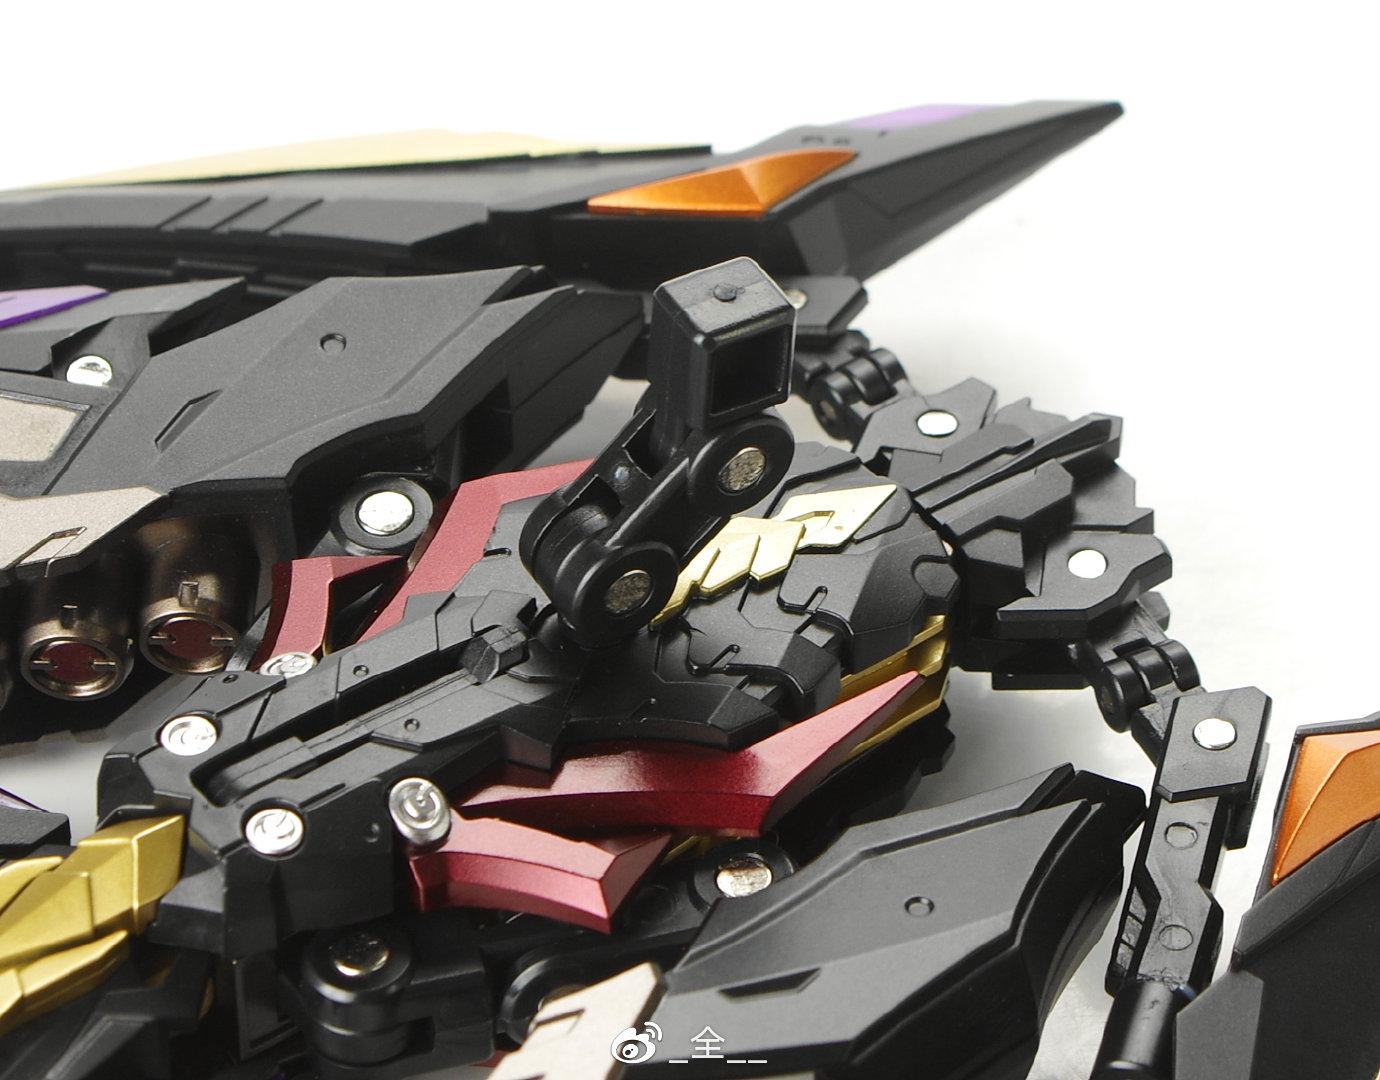 S576_MOTOR_NUCLEAR_ryofu_1005_167.jpg